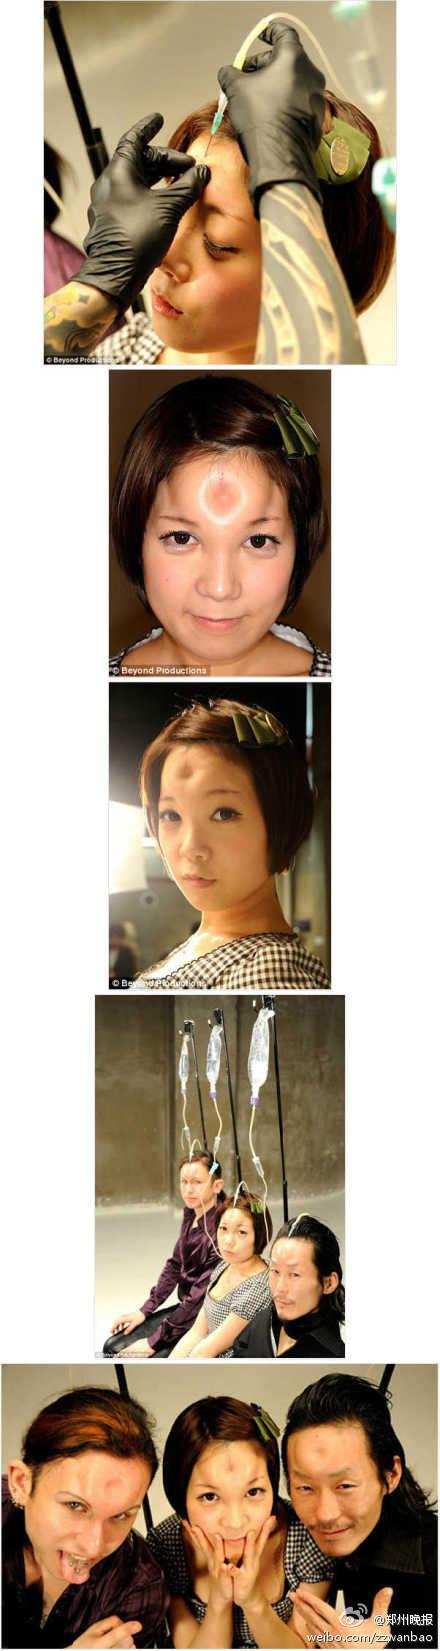 日本正在兴起的一种人体变形美容潮